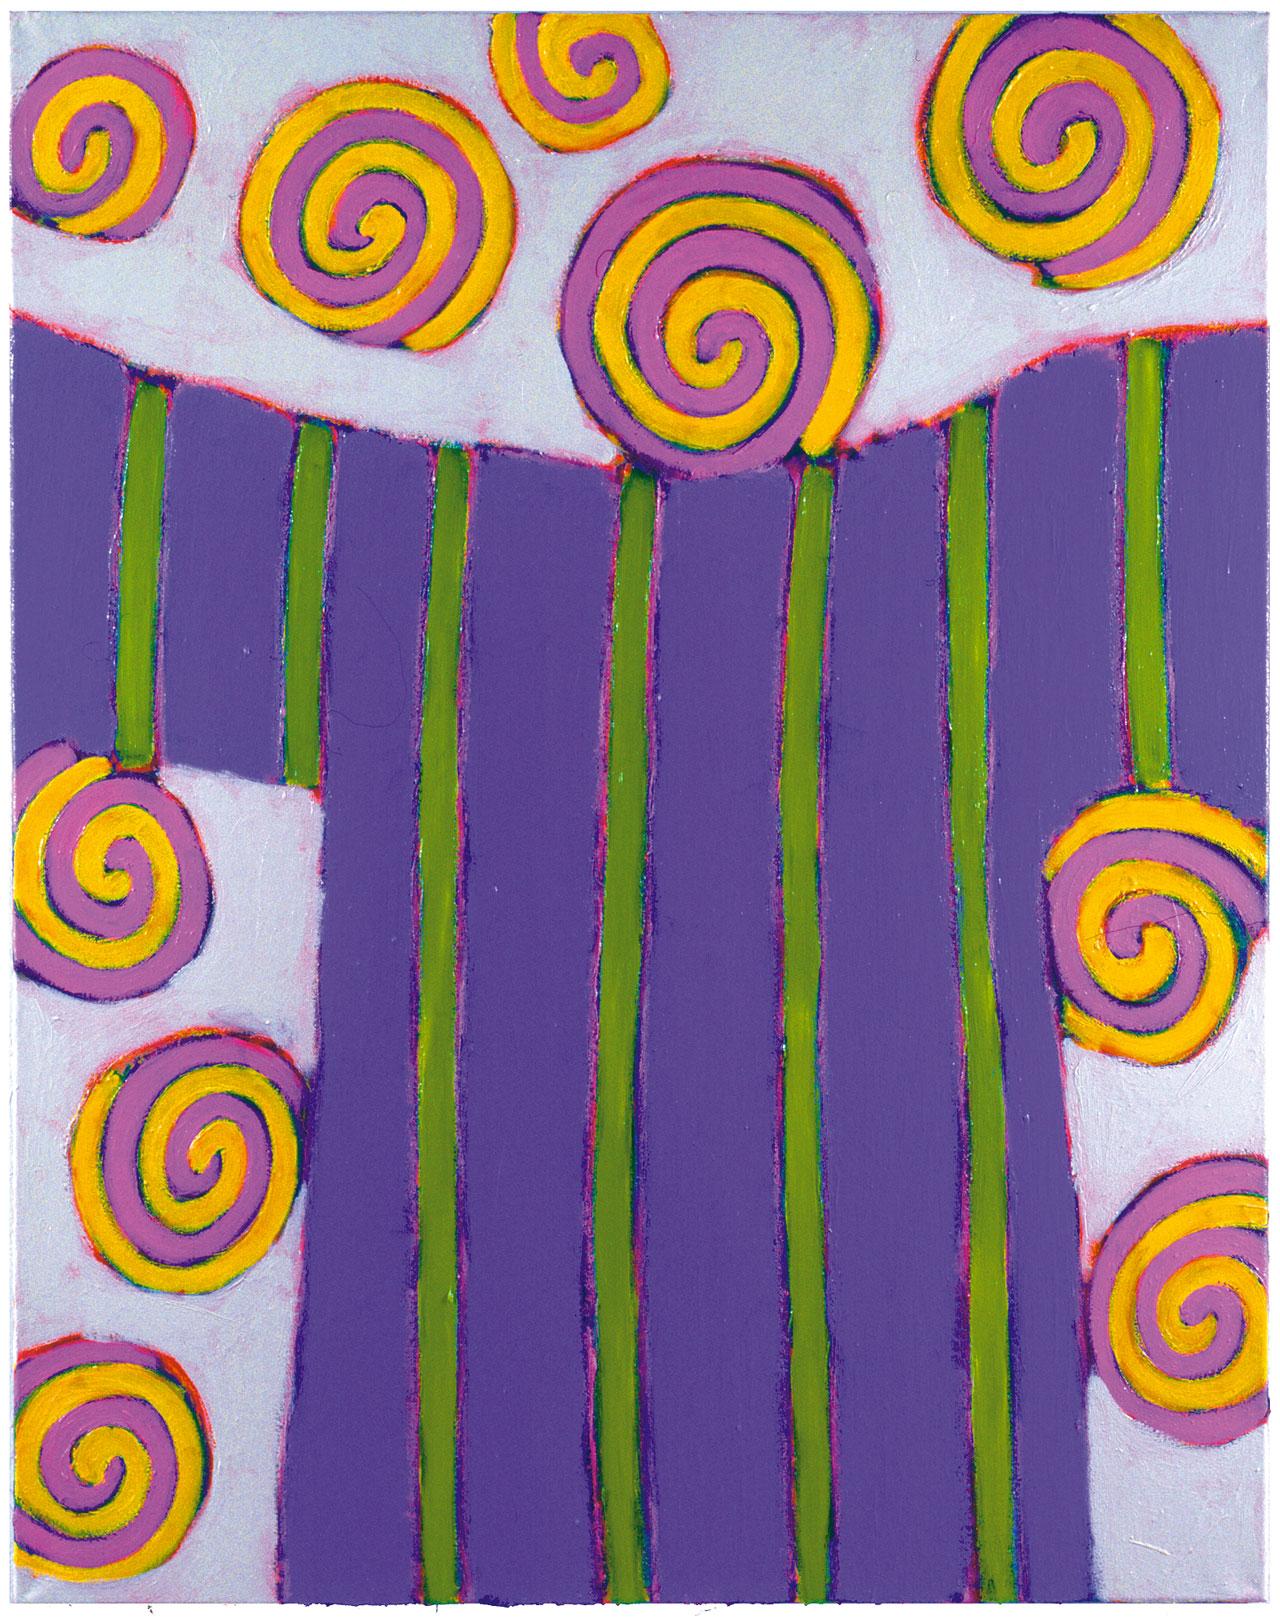 SHINY PATTERNS - GARDEN PIECES VII | 2000 © Kerstin Jeckel